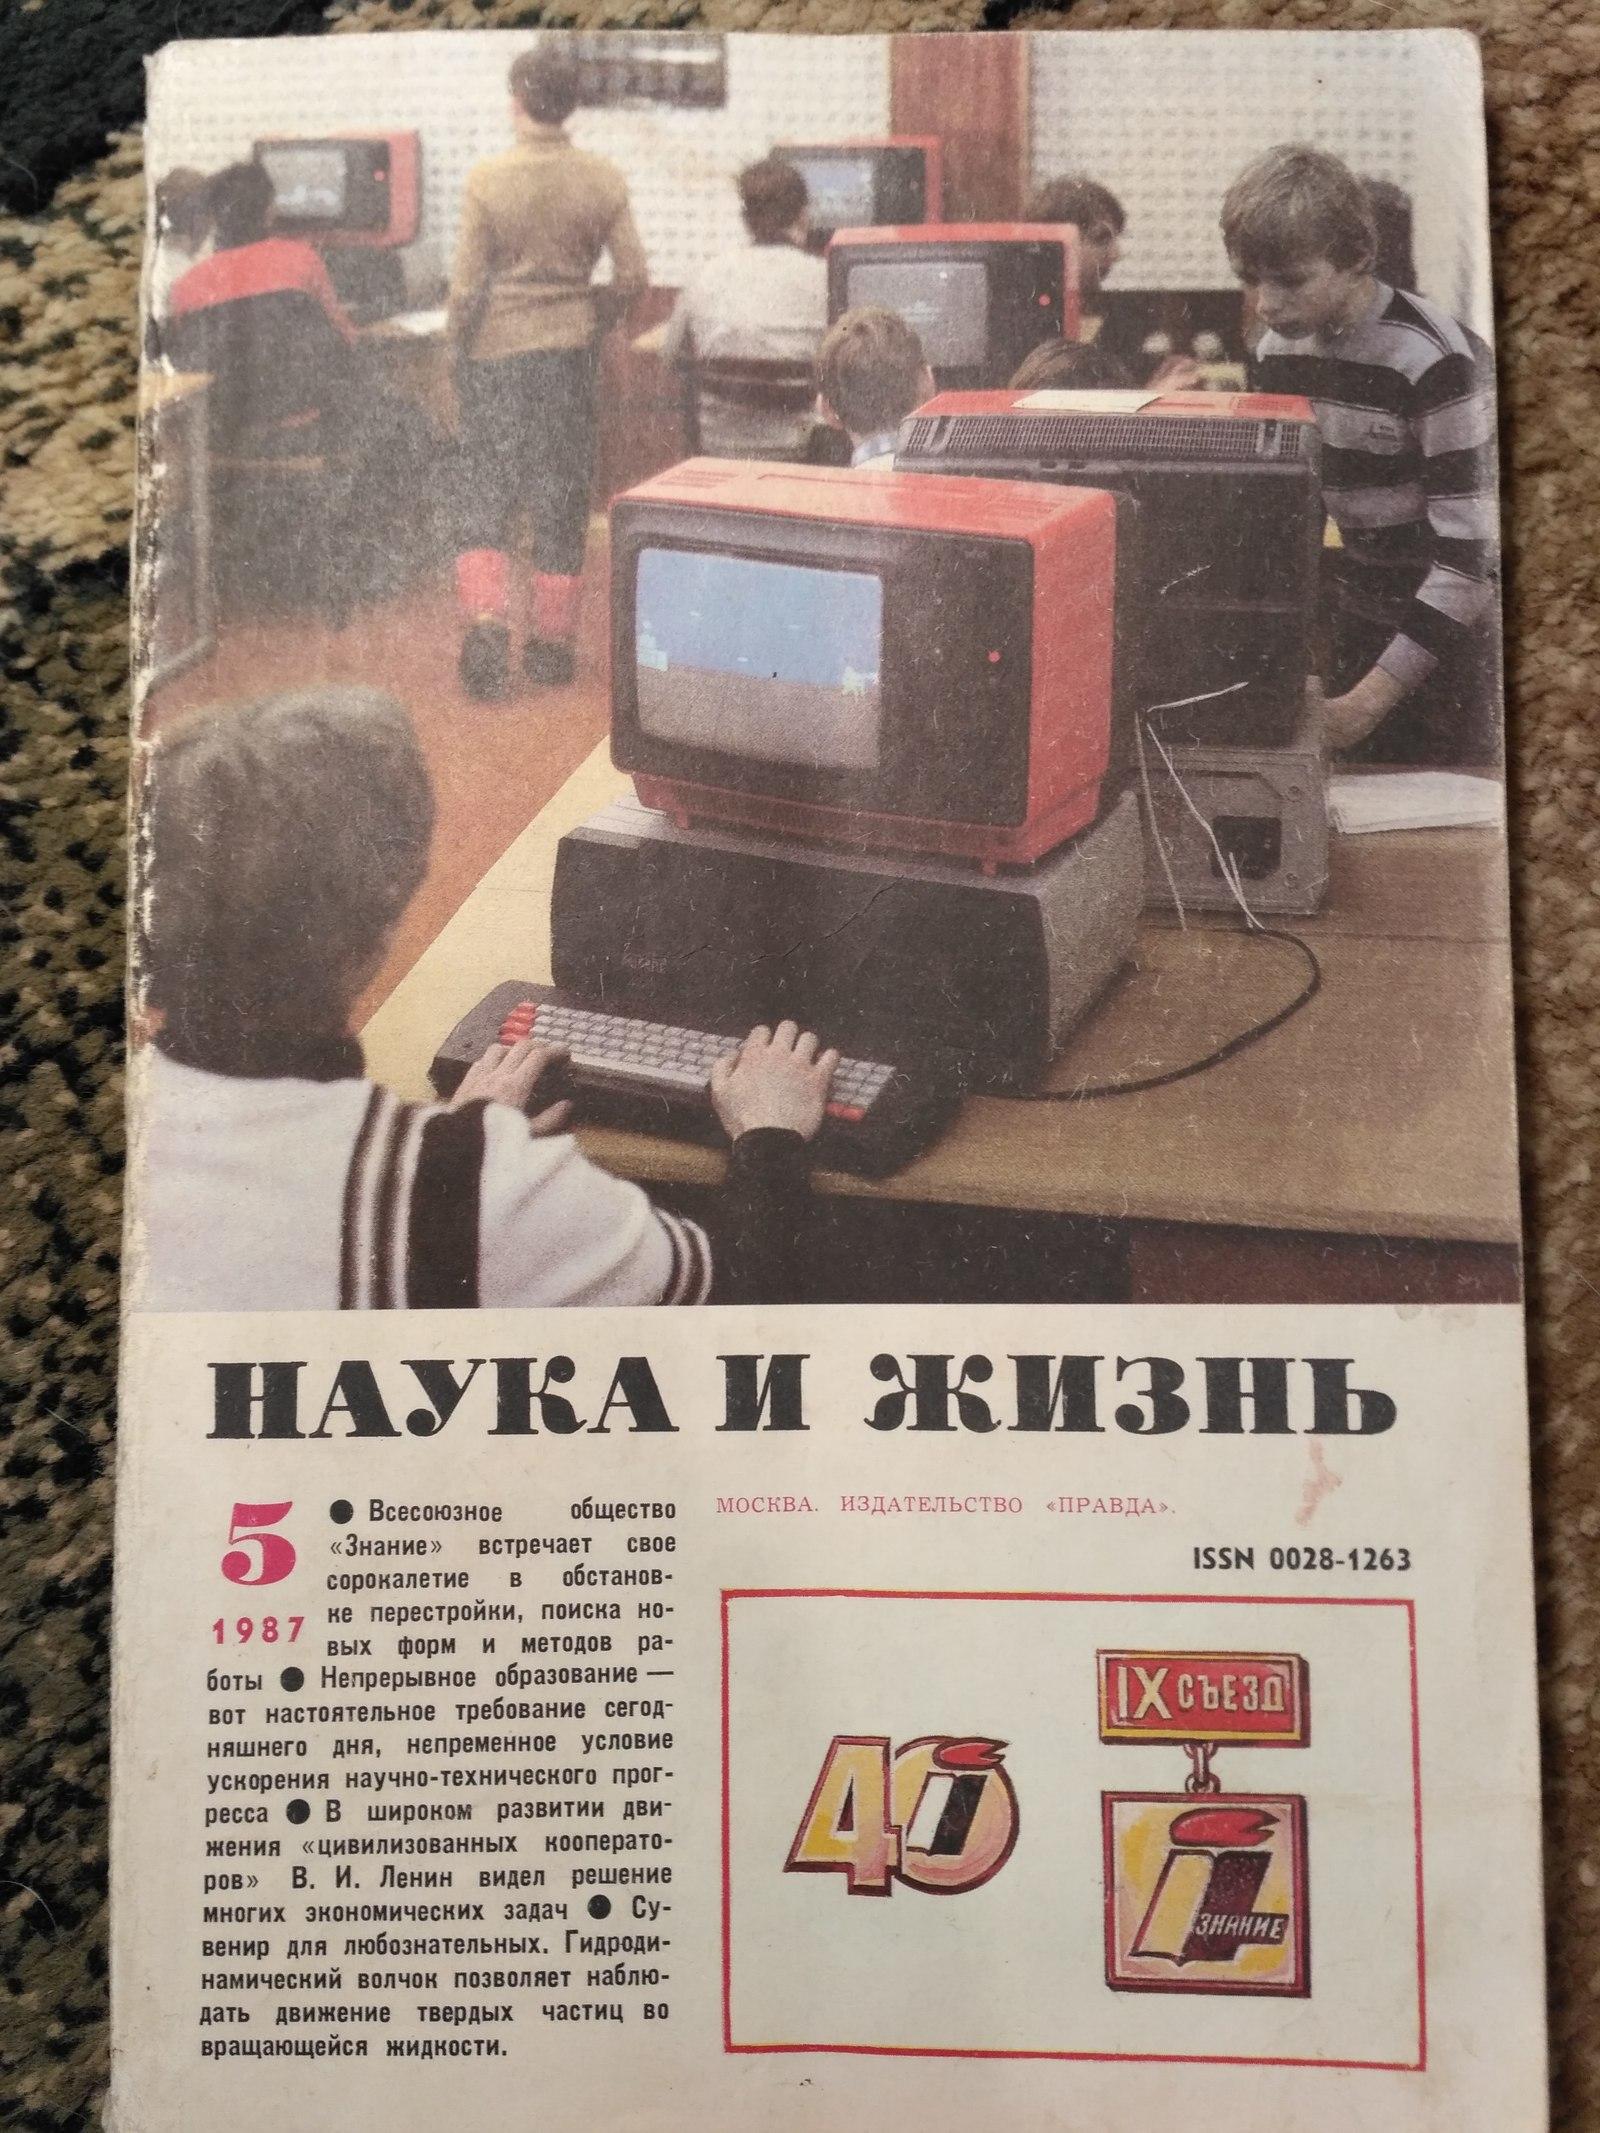 Наука и Жизнь, №5б 1987, обложка